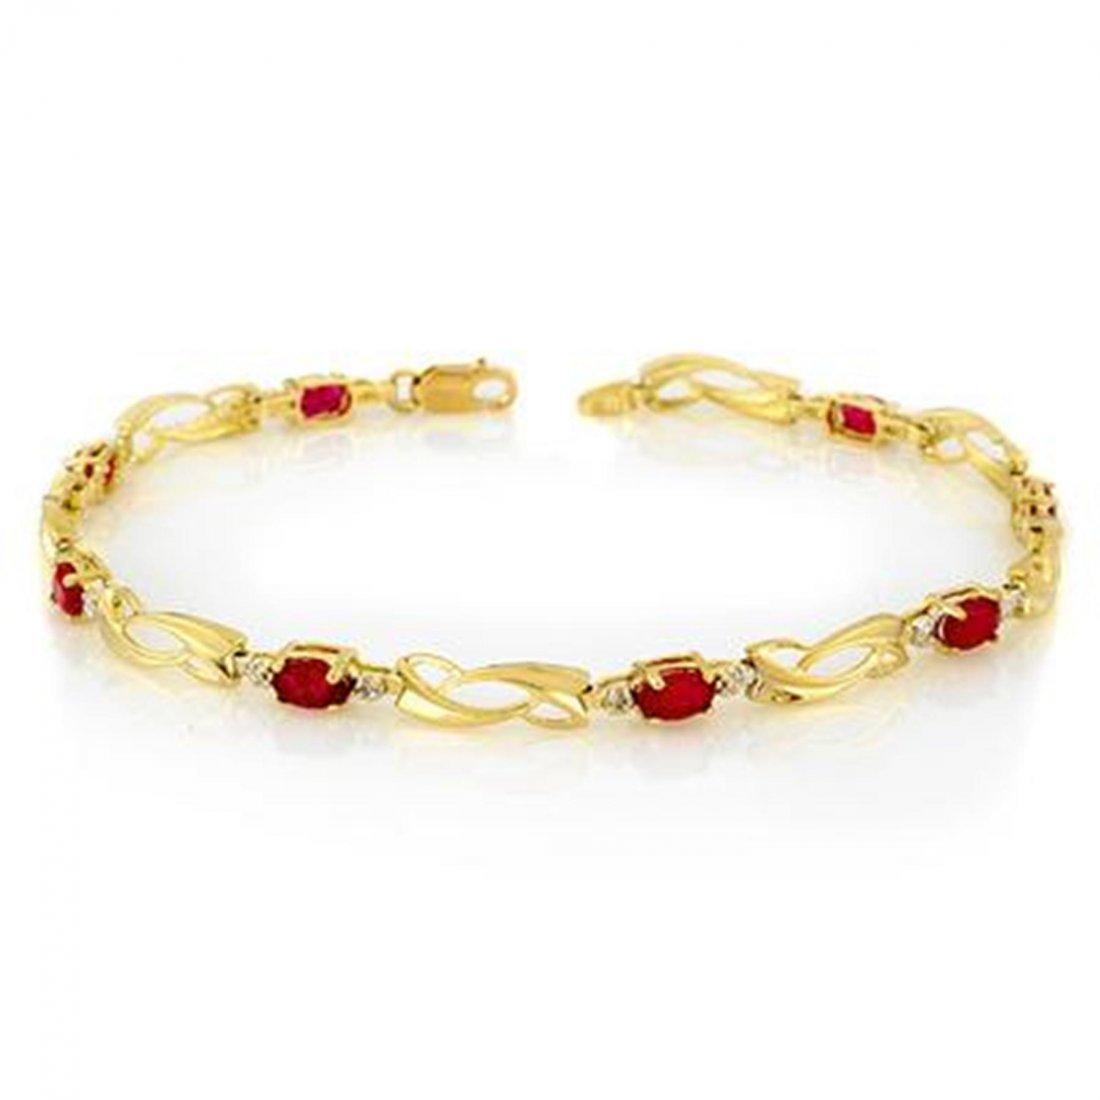 3J: Genuine 2.62 ctw Ruby & Diamond Bracelet Yellow Gol